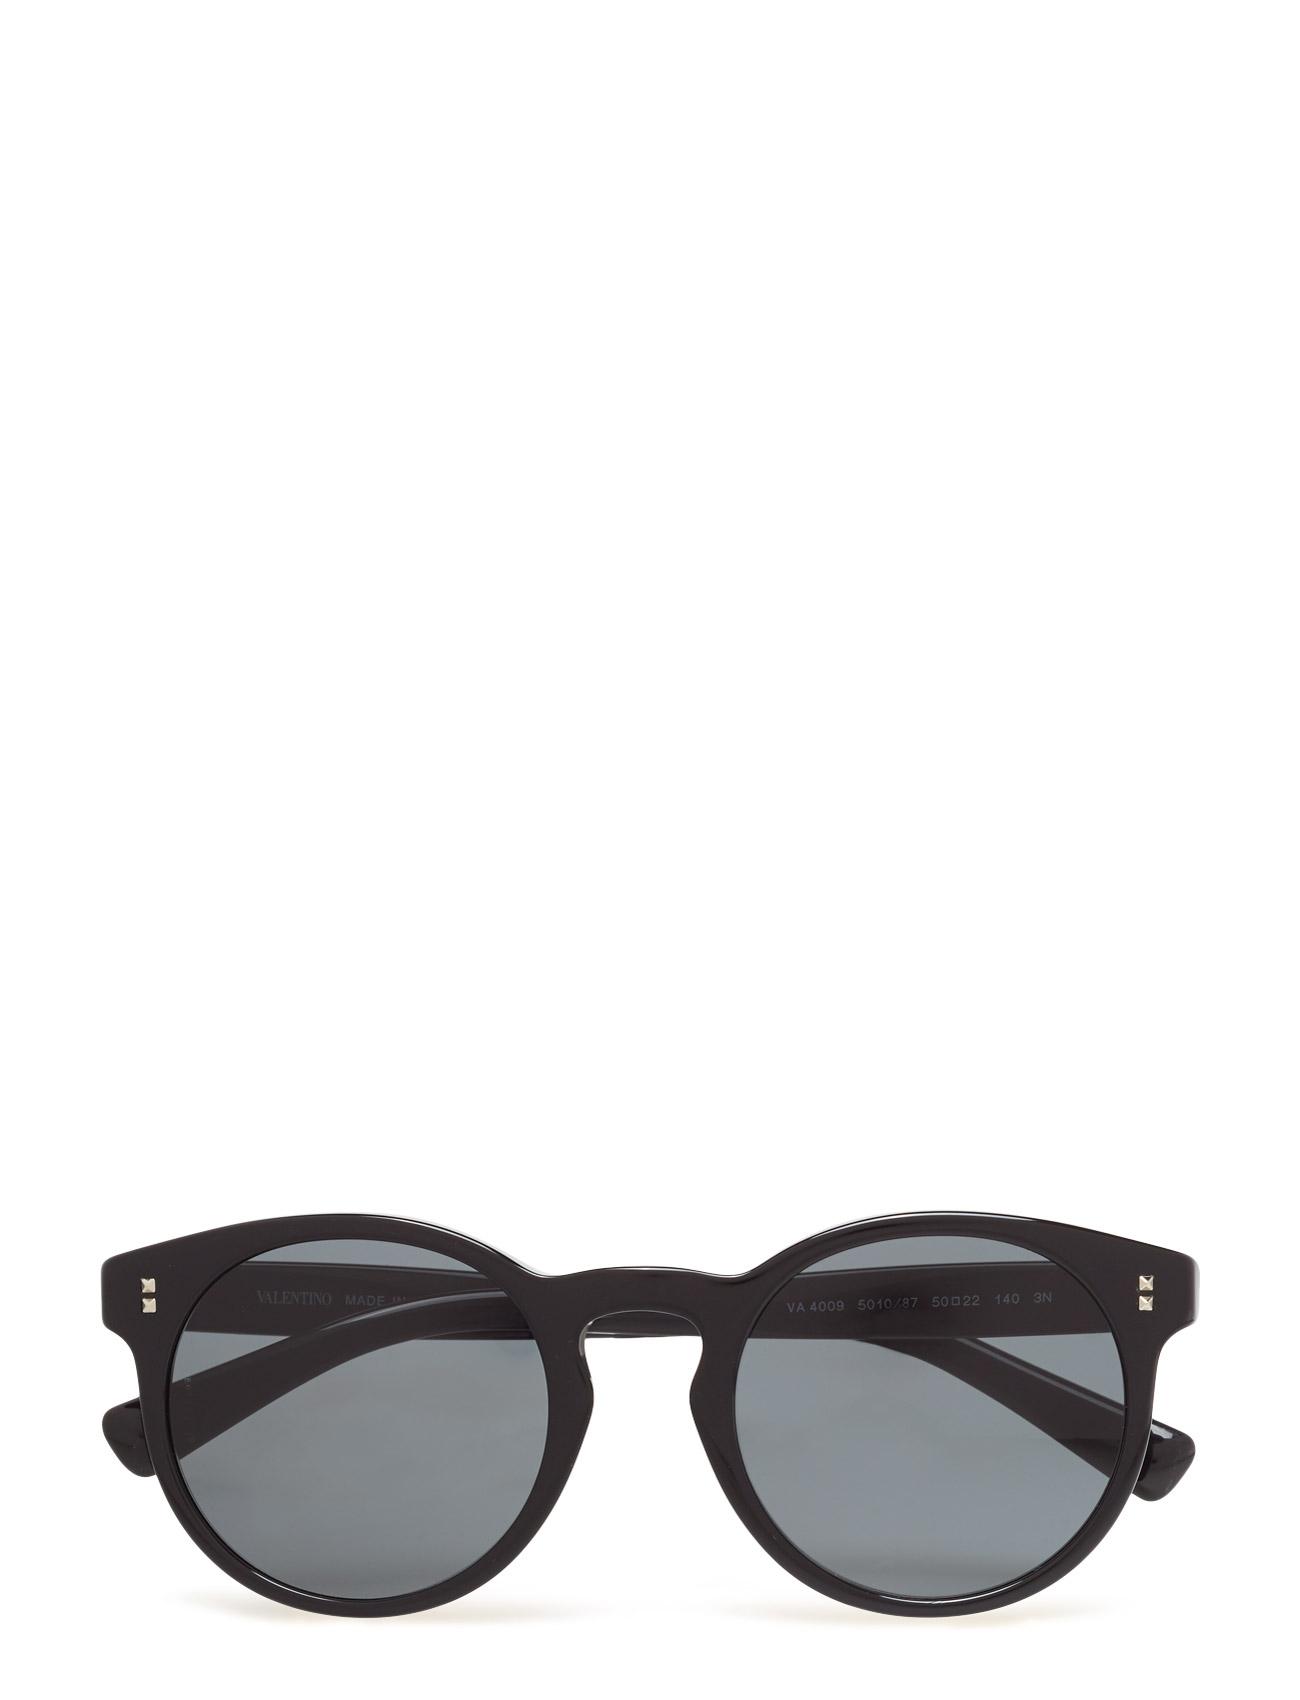 0va4009 - Valentino Sunglasses